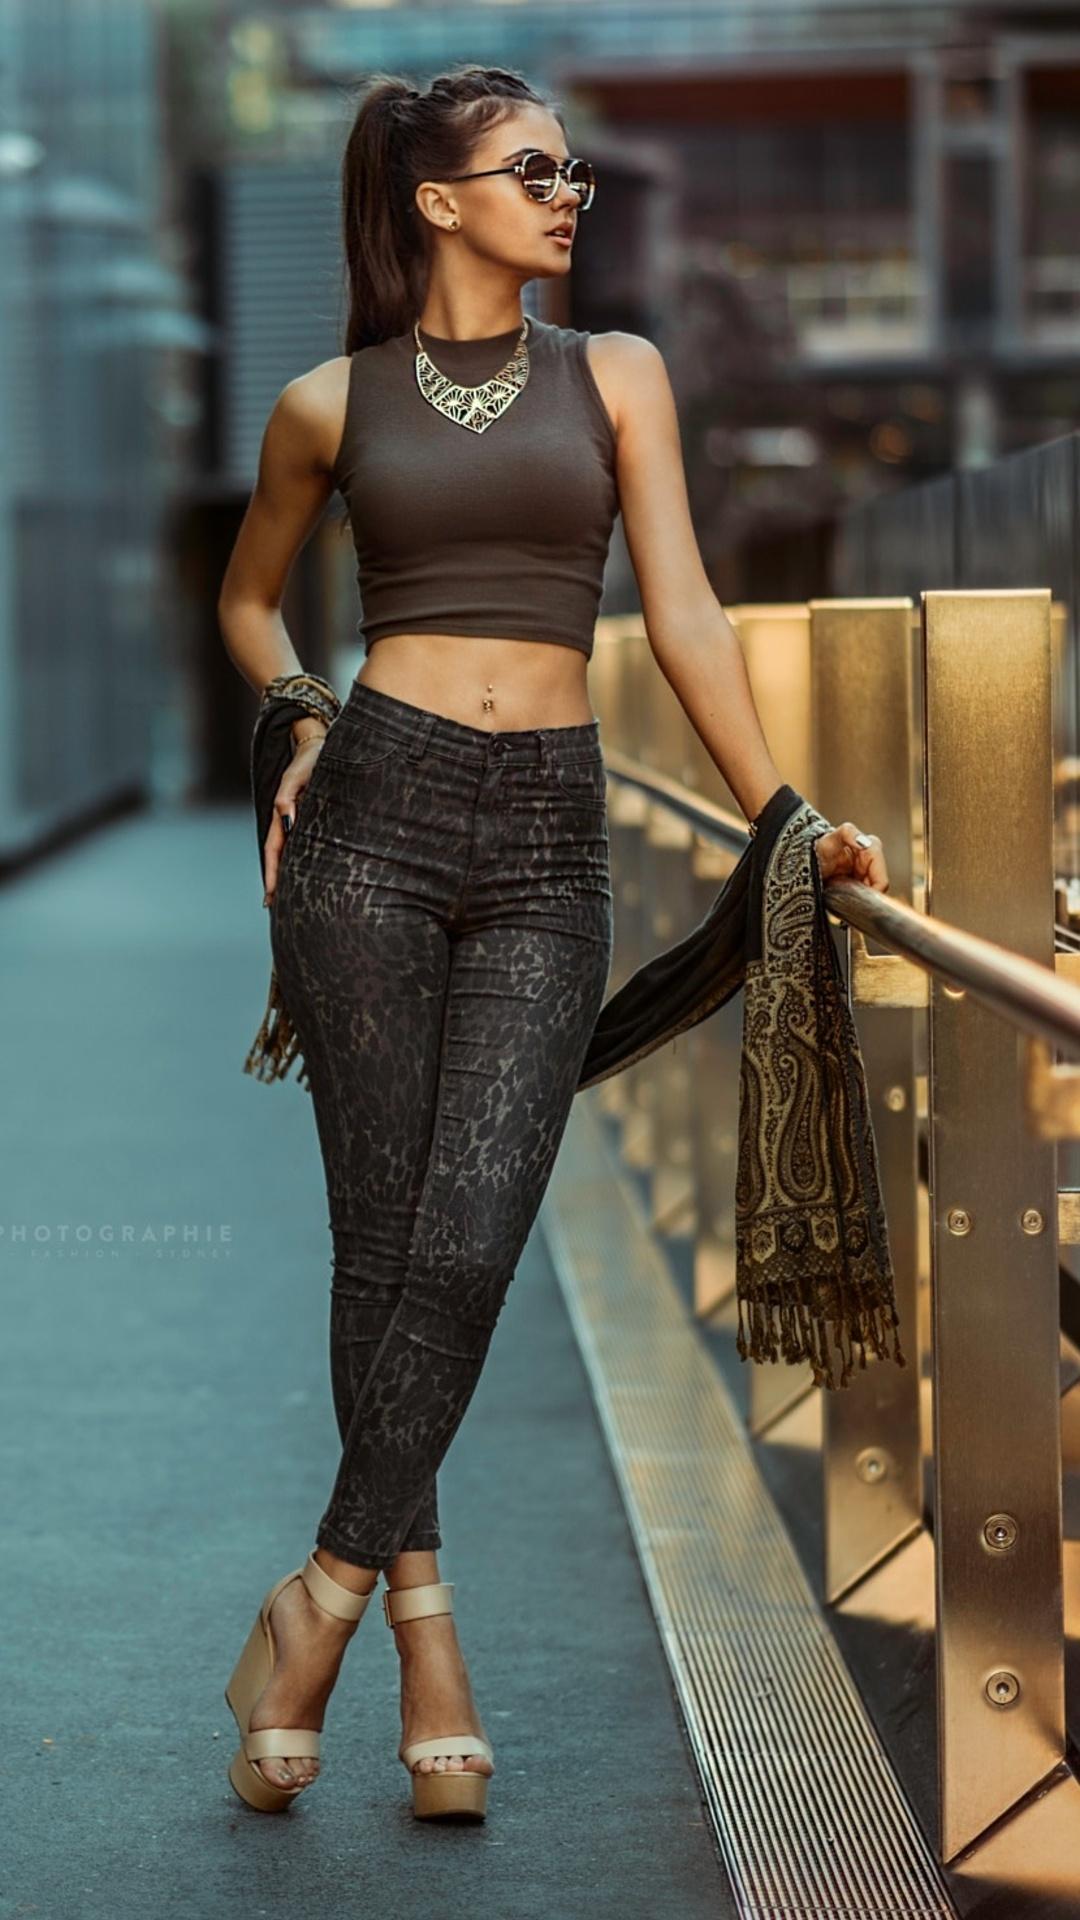 high-heels-urban-women-outdoors-kd.jpg